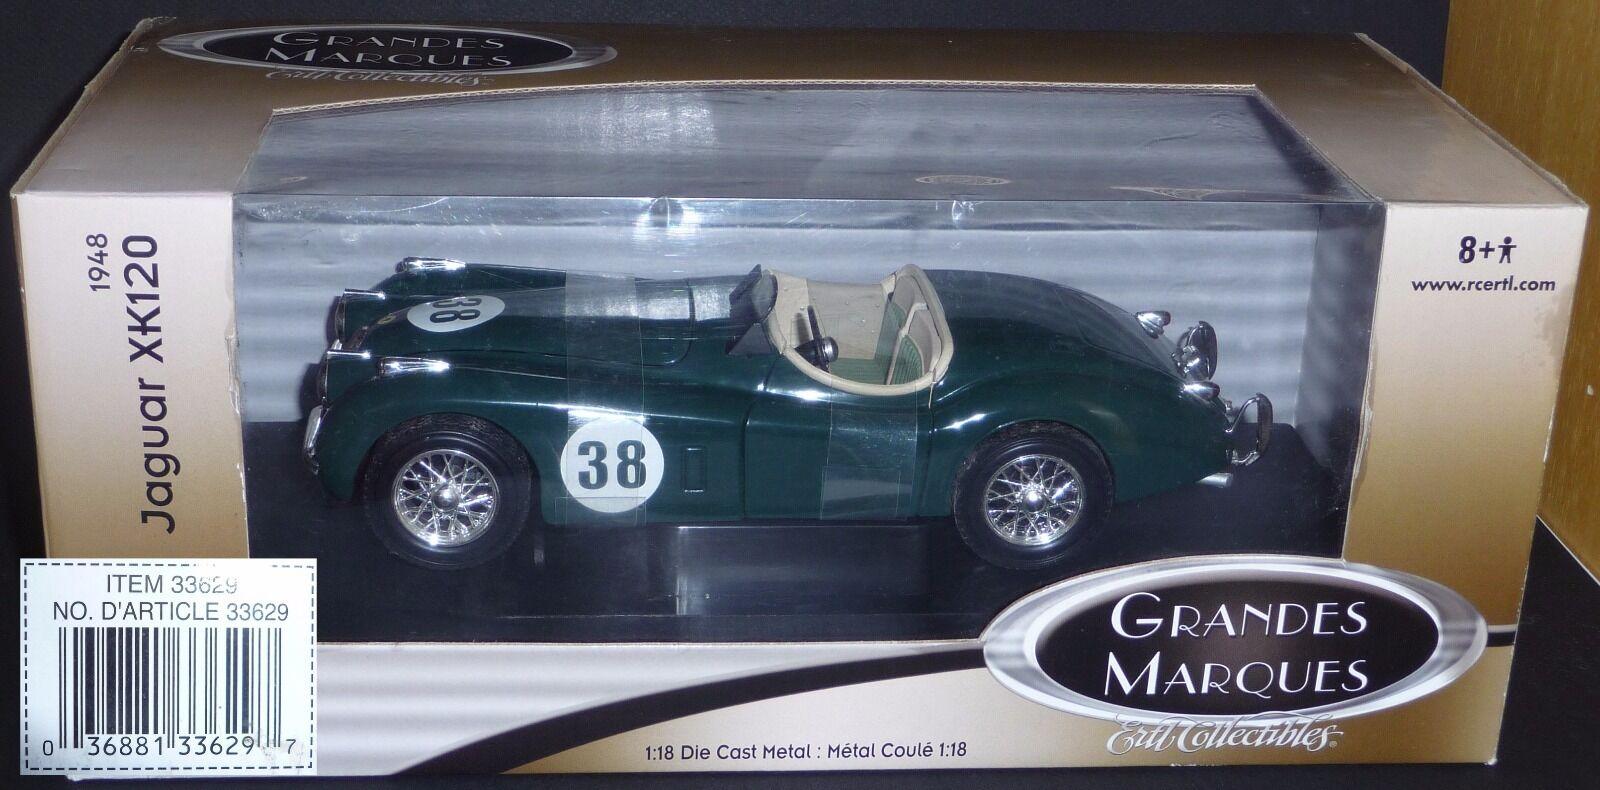 Jaguar xk 120 n ° 38   ann é e 1948   Farbe Grün   1   18   ertl collectibles 3362